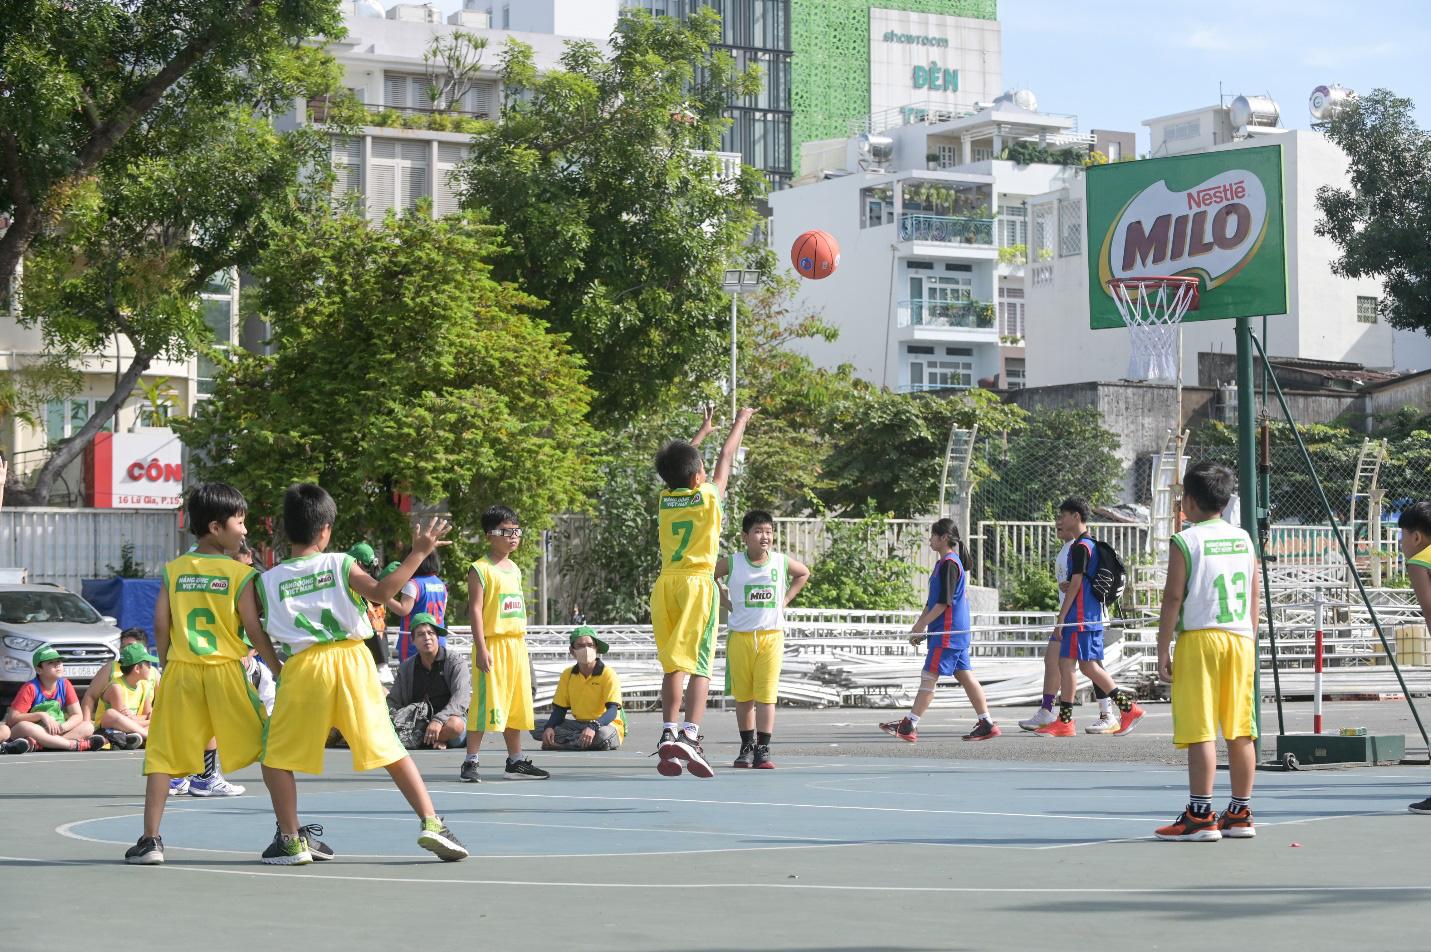 Có một thế hệ trẻ Việt trưởng thành từ sân bóng rổ - Ảnh 3.